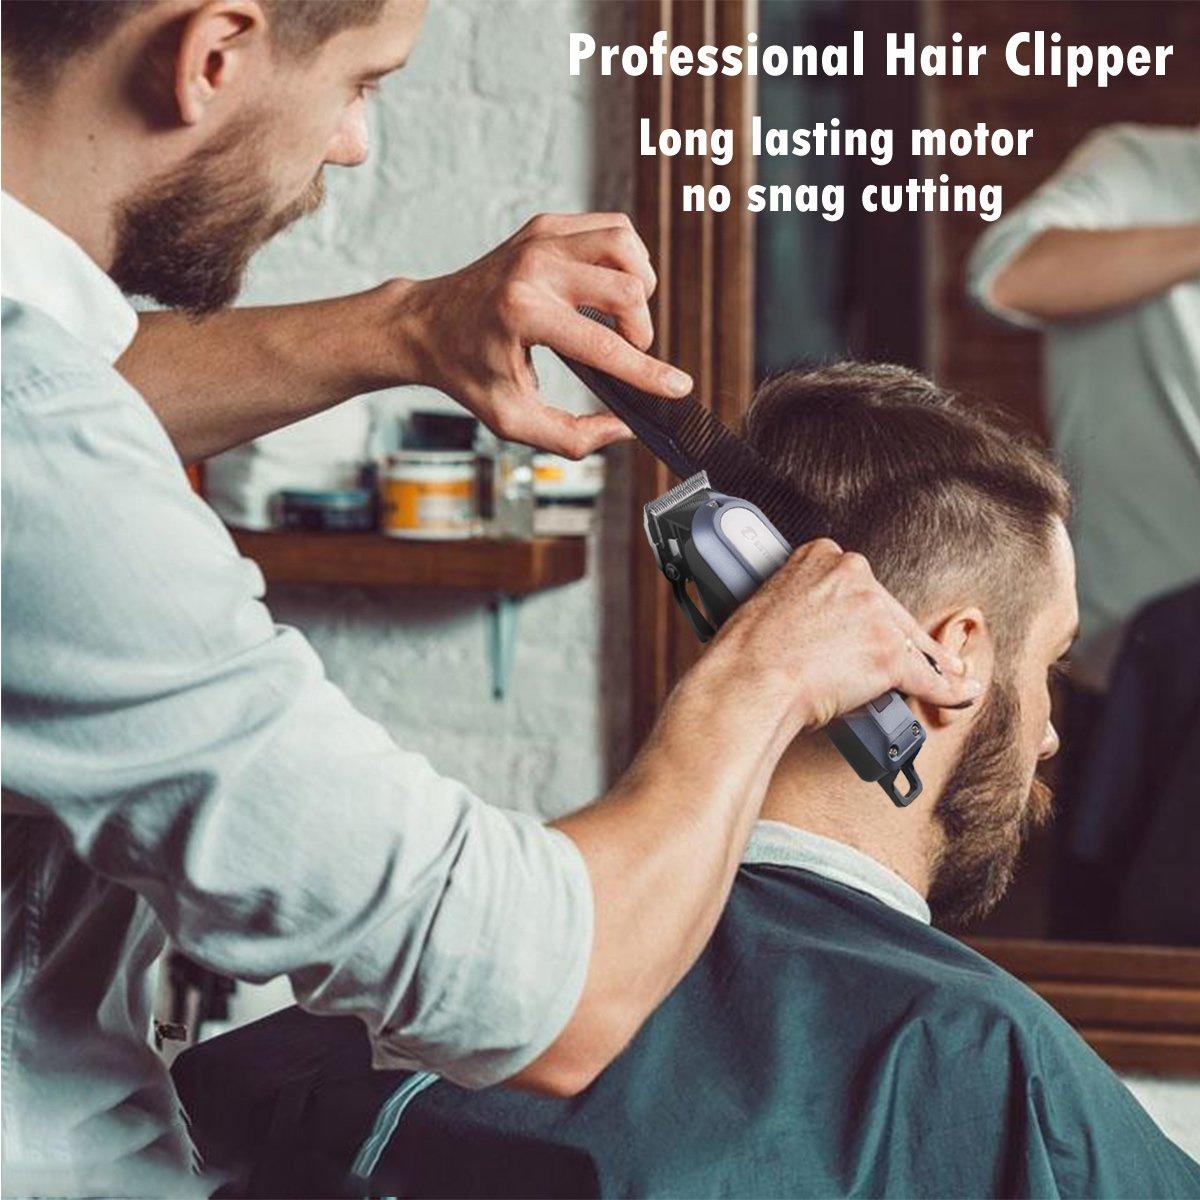 Haarschneidemaschine Haarschneider Elektrischer Herren Profi Haartrimmer Set Netz und Akkubetrieb mit 4 Aufsätzen für Friseur Salon oder Privaten Gebrauch